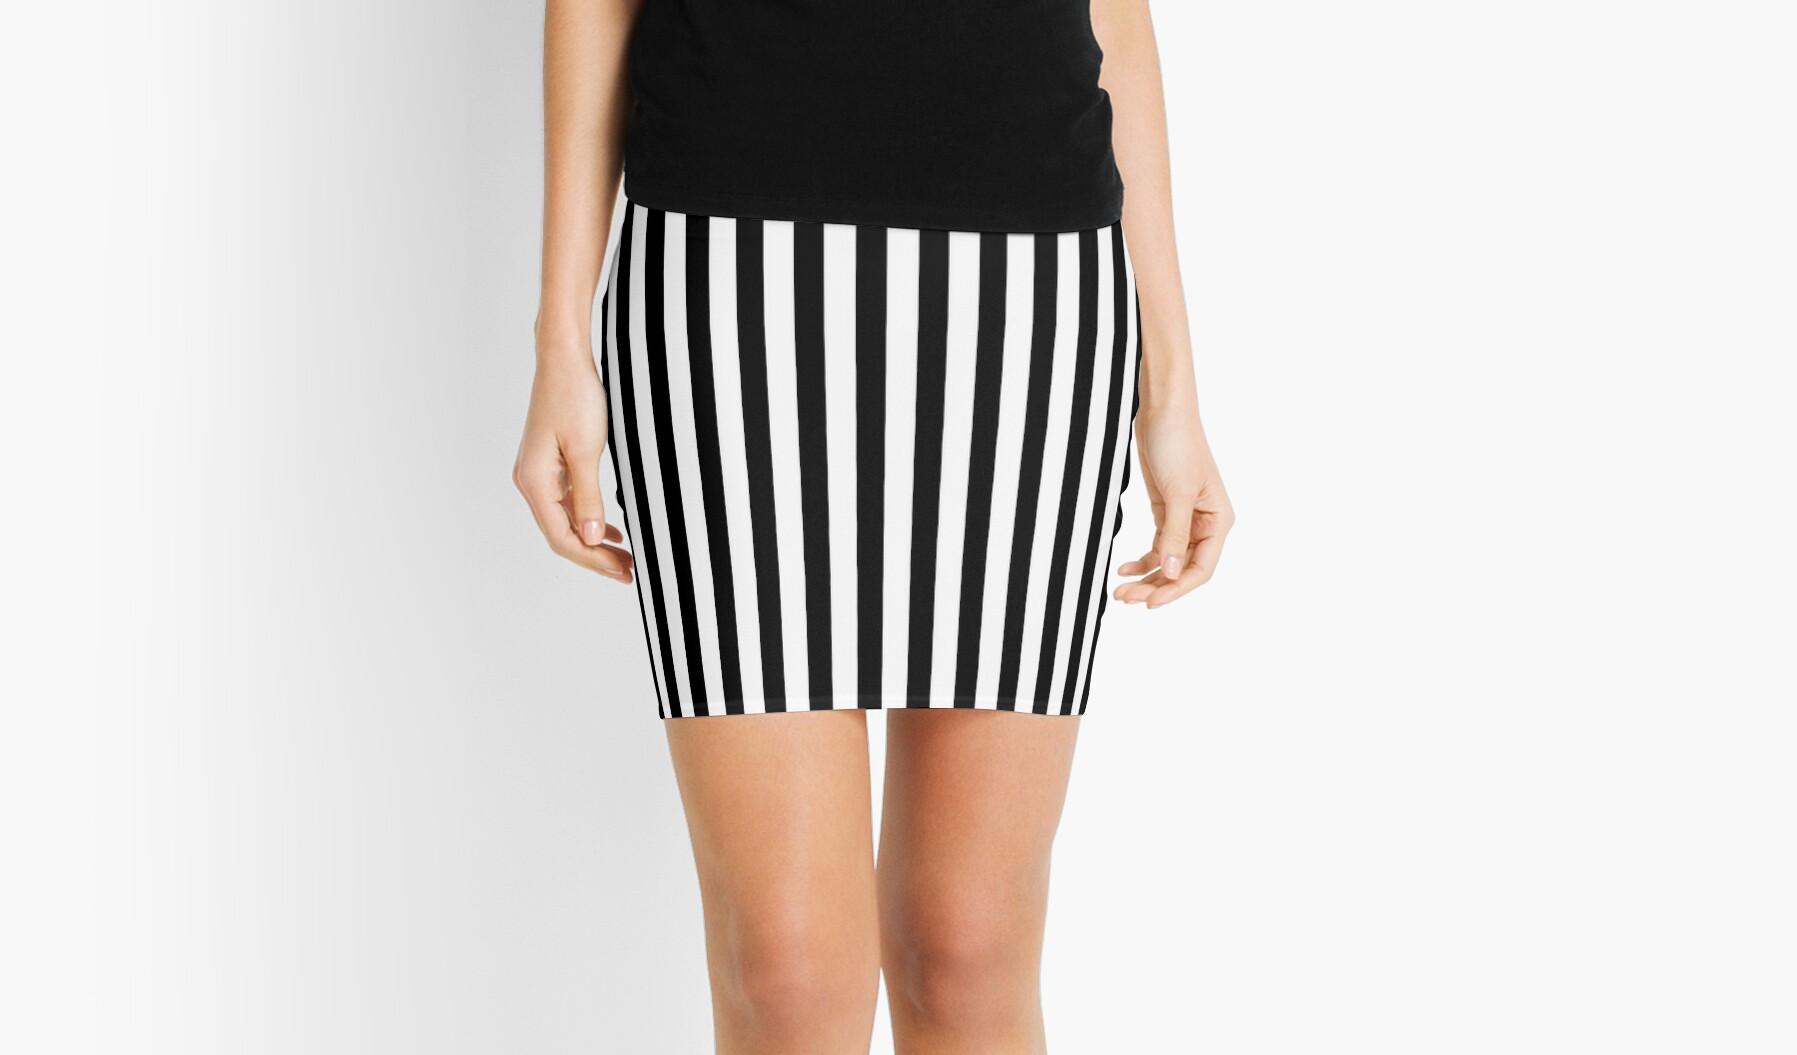 Slimming Black White Striped Mini Skirt